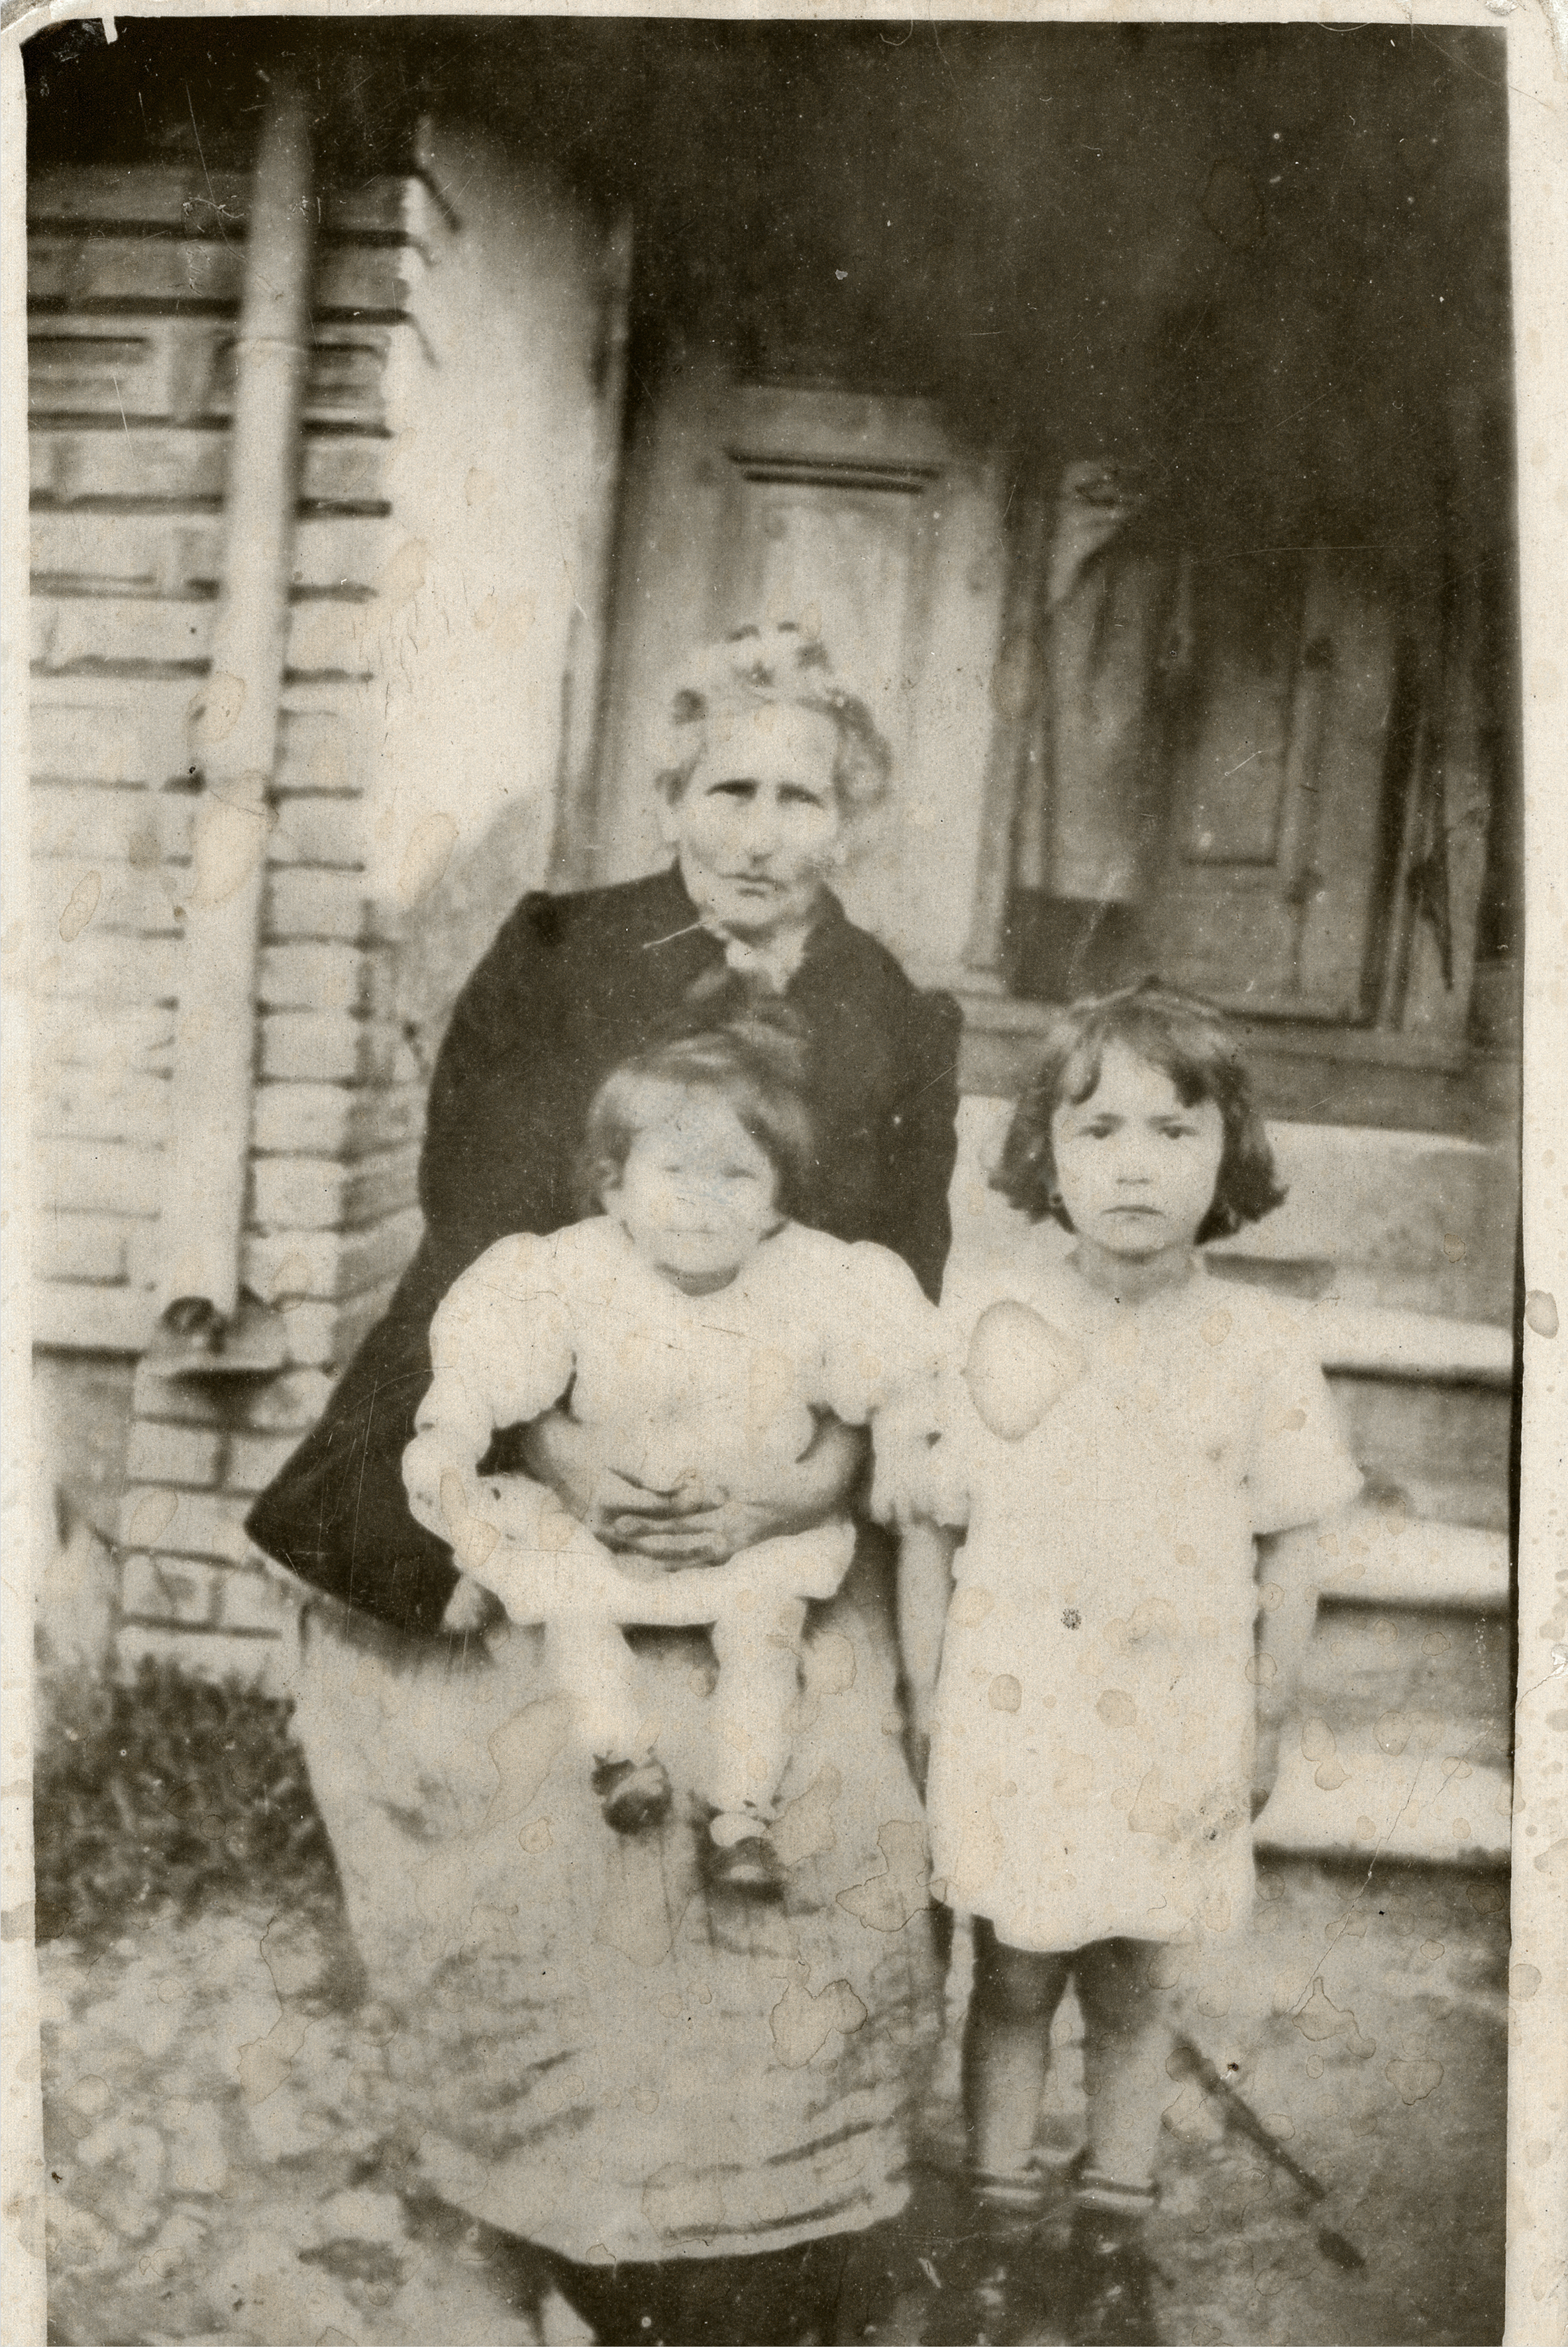 Klara Kasavi with her granddaughters Elsa and Klara